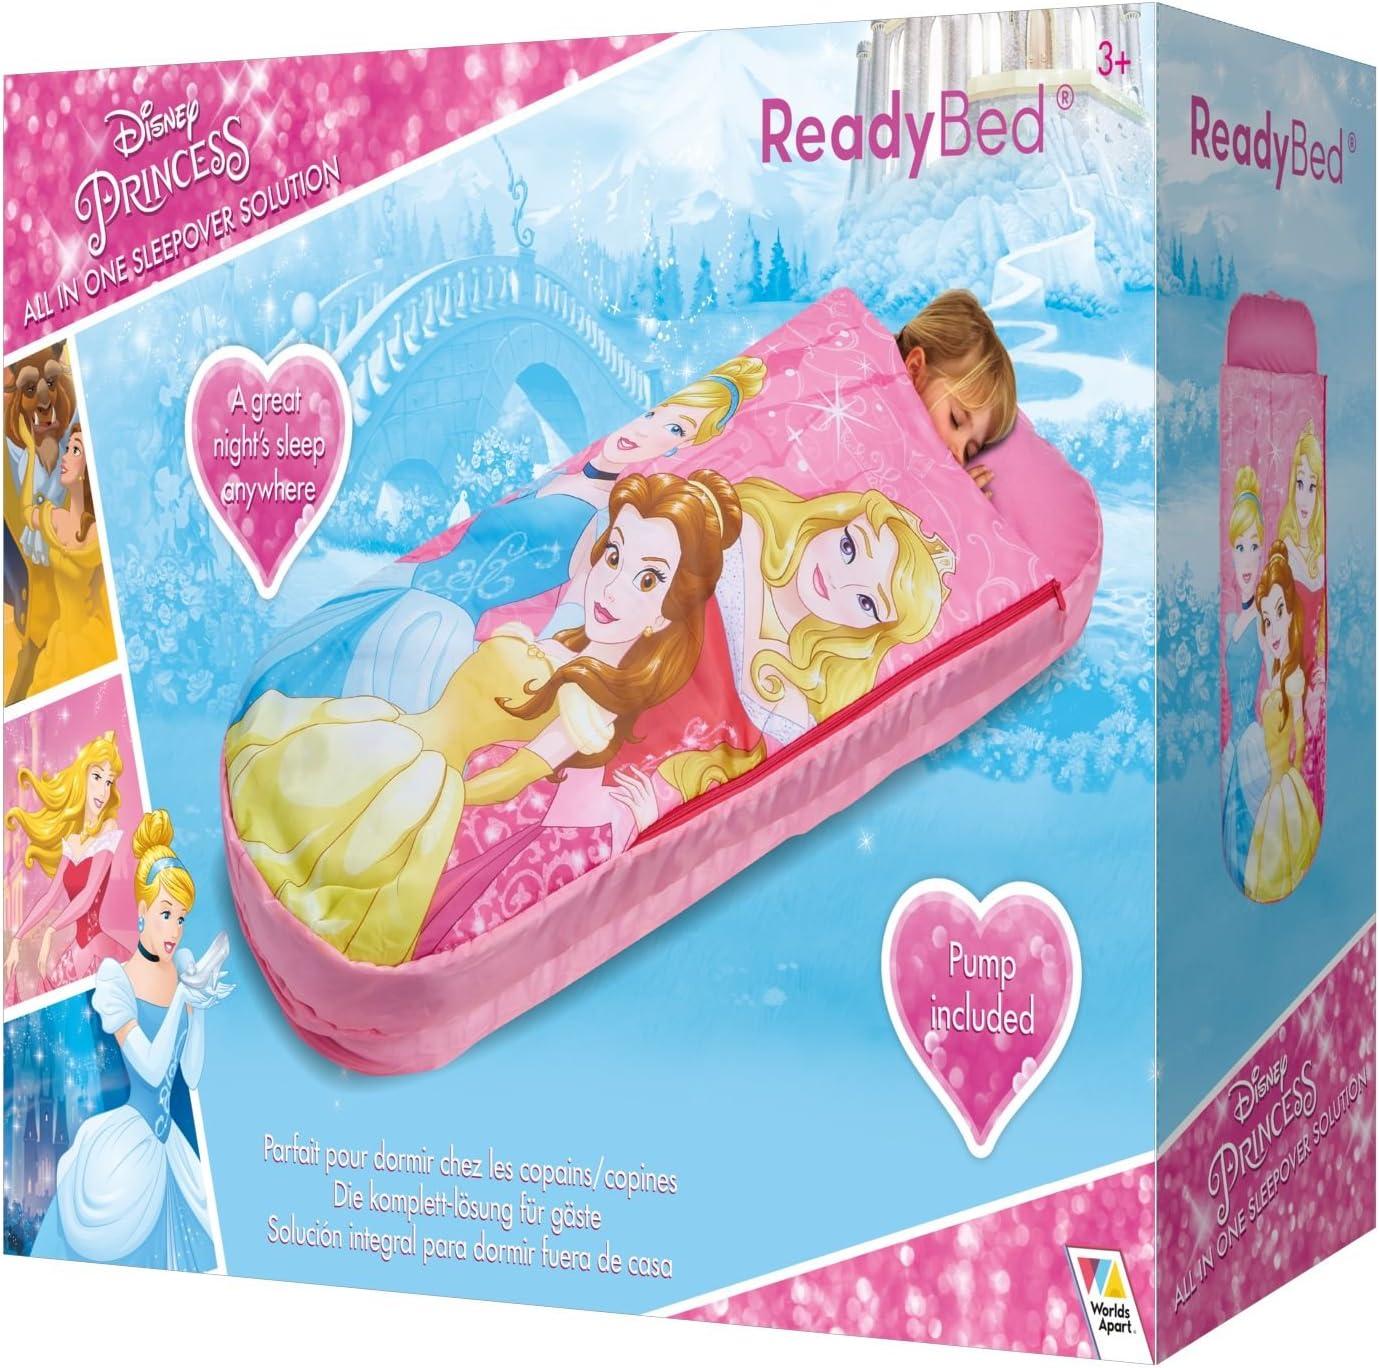 Worlds Apart Multicolore Poliestere WAP 150x62x20 cm Disney Princess 2 in 1 Lettino Gonfiabile e Sacco a Pelo